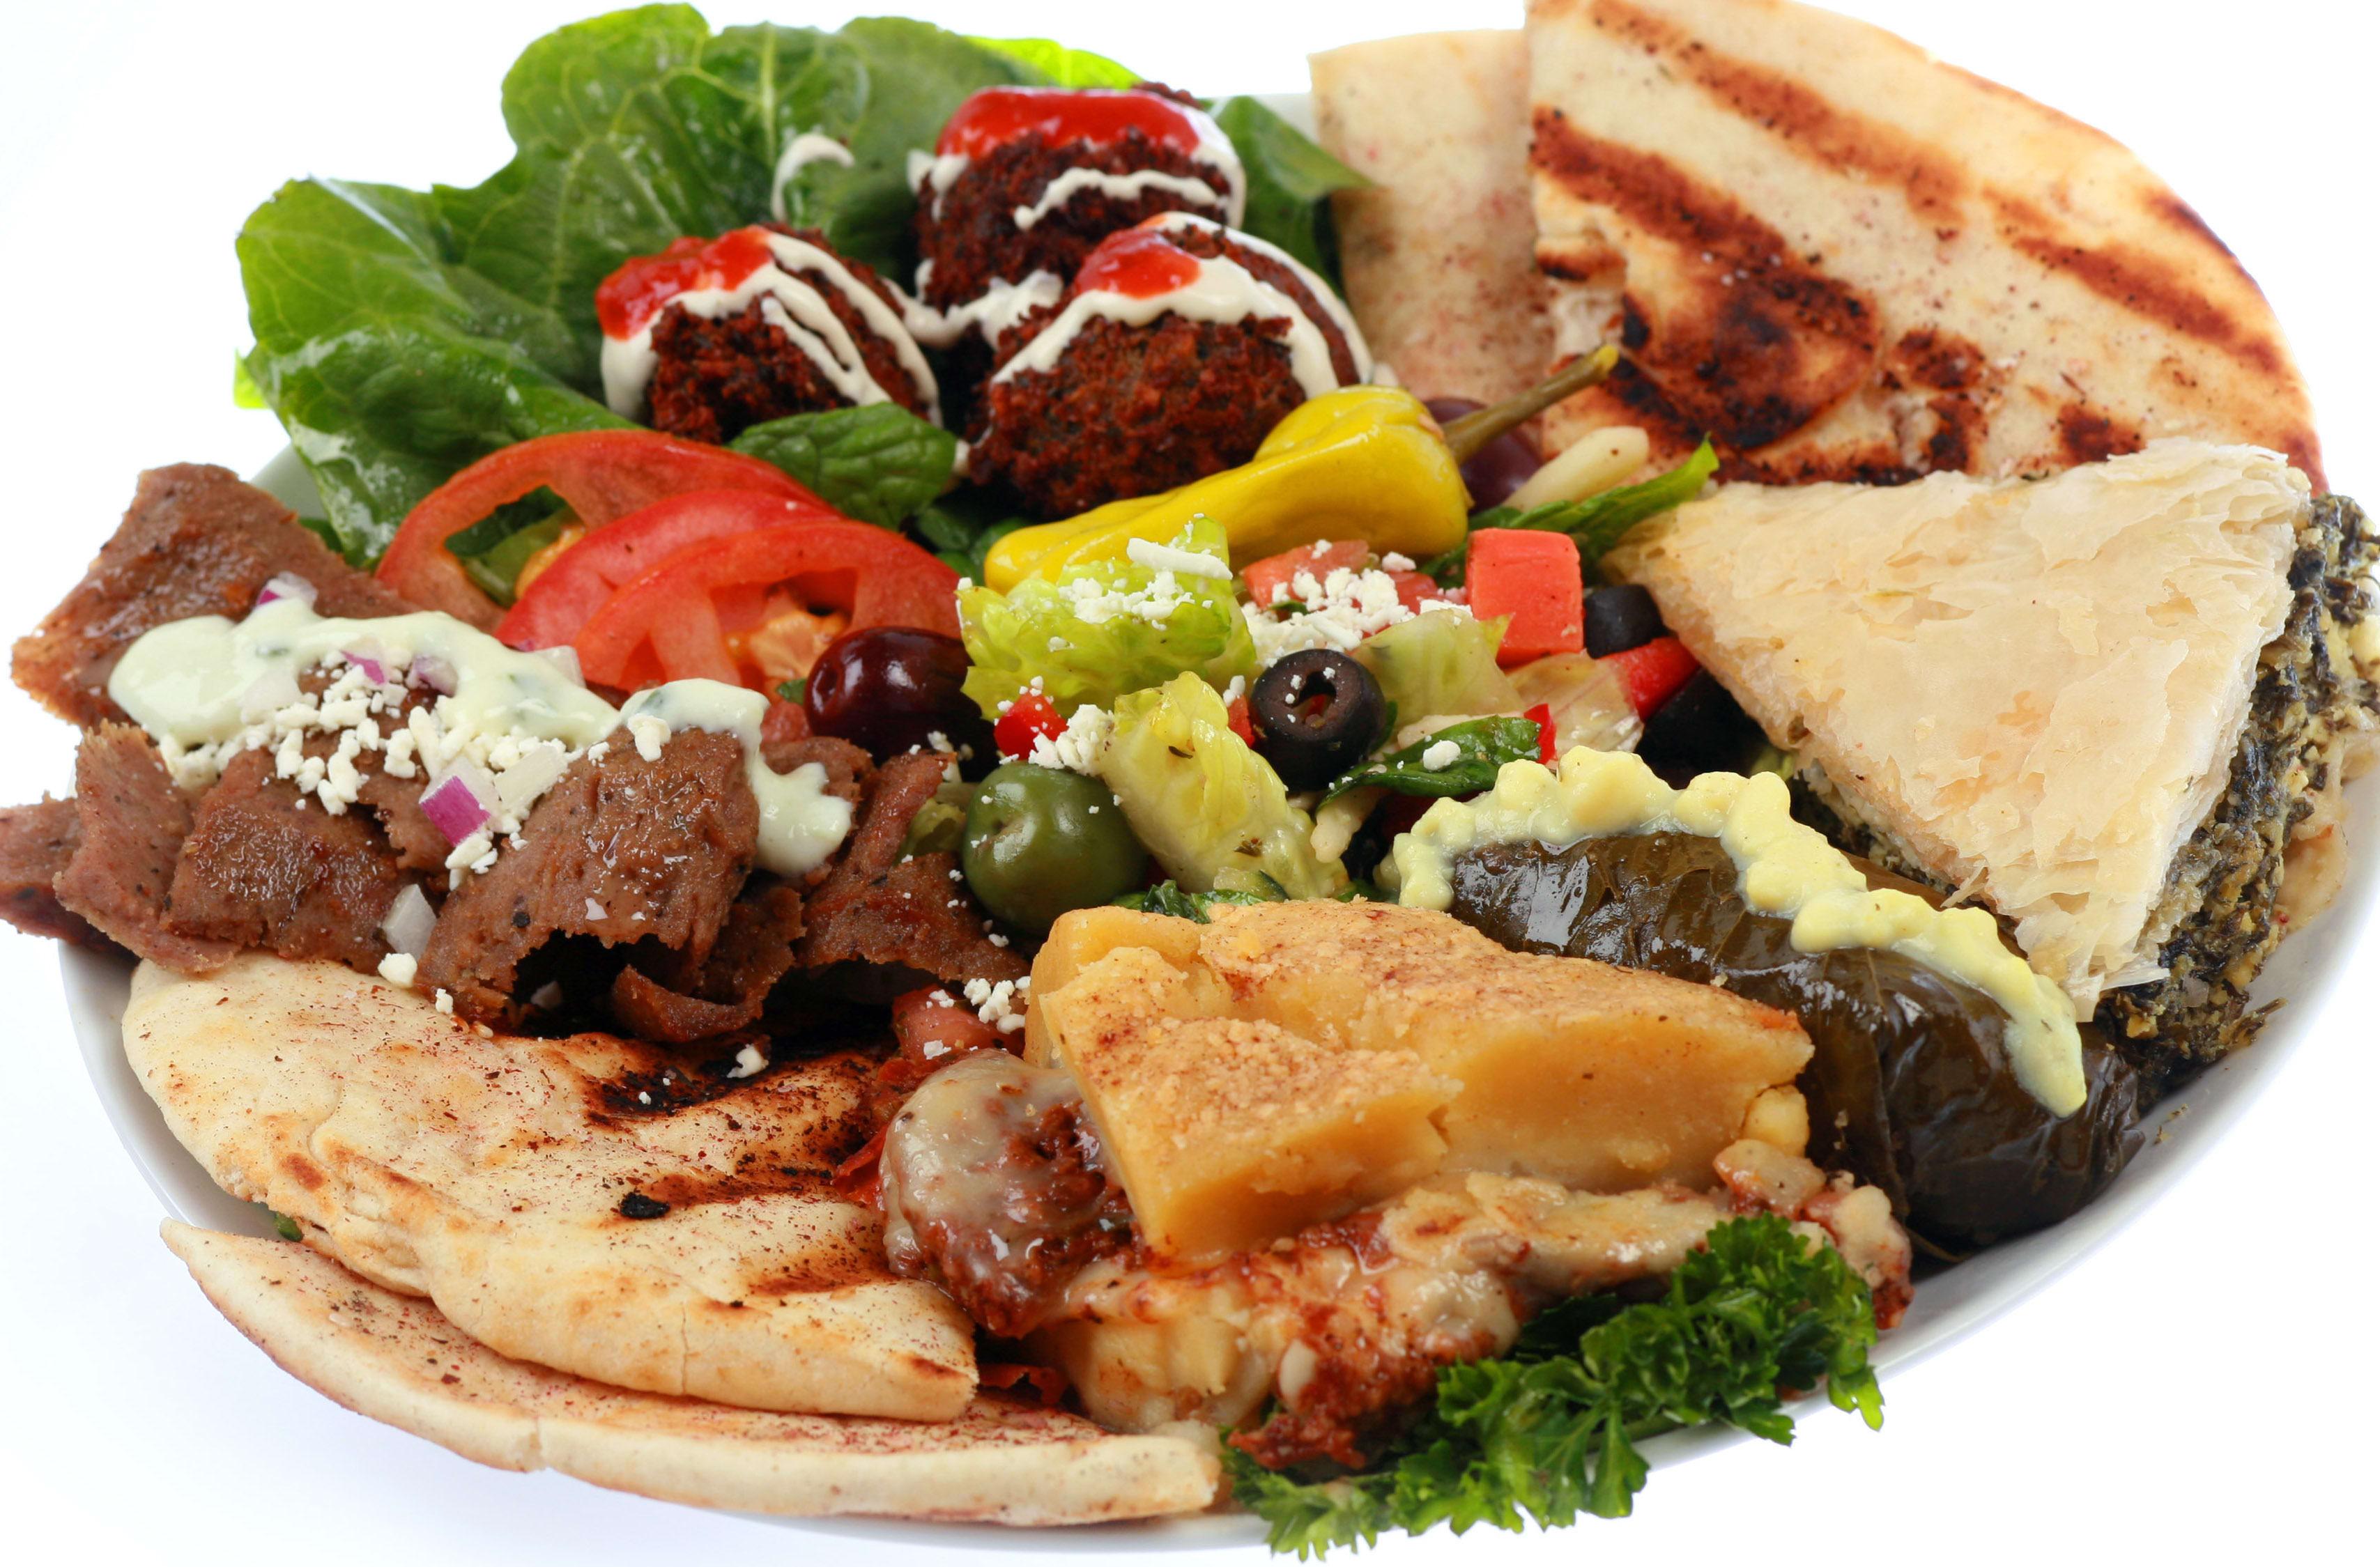 Mediterranean Feast at Mediterranean Cafe